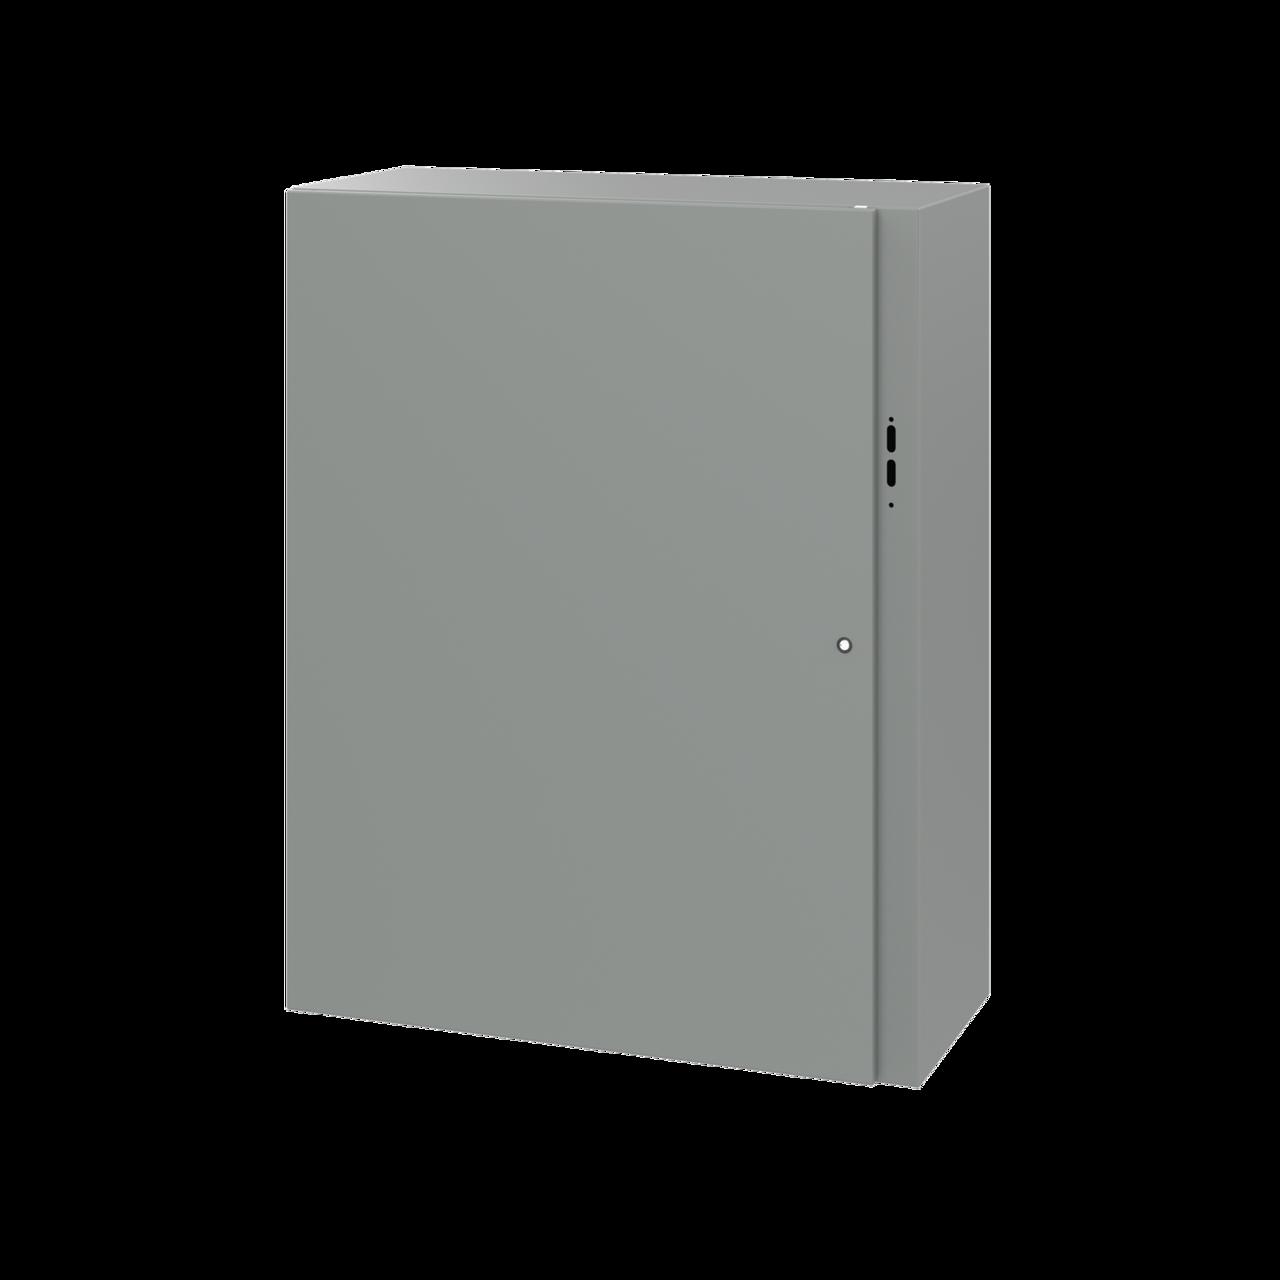 nVent HOFFMAN CDSC483816